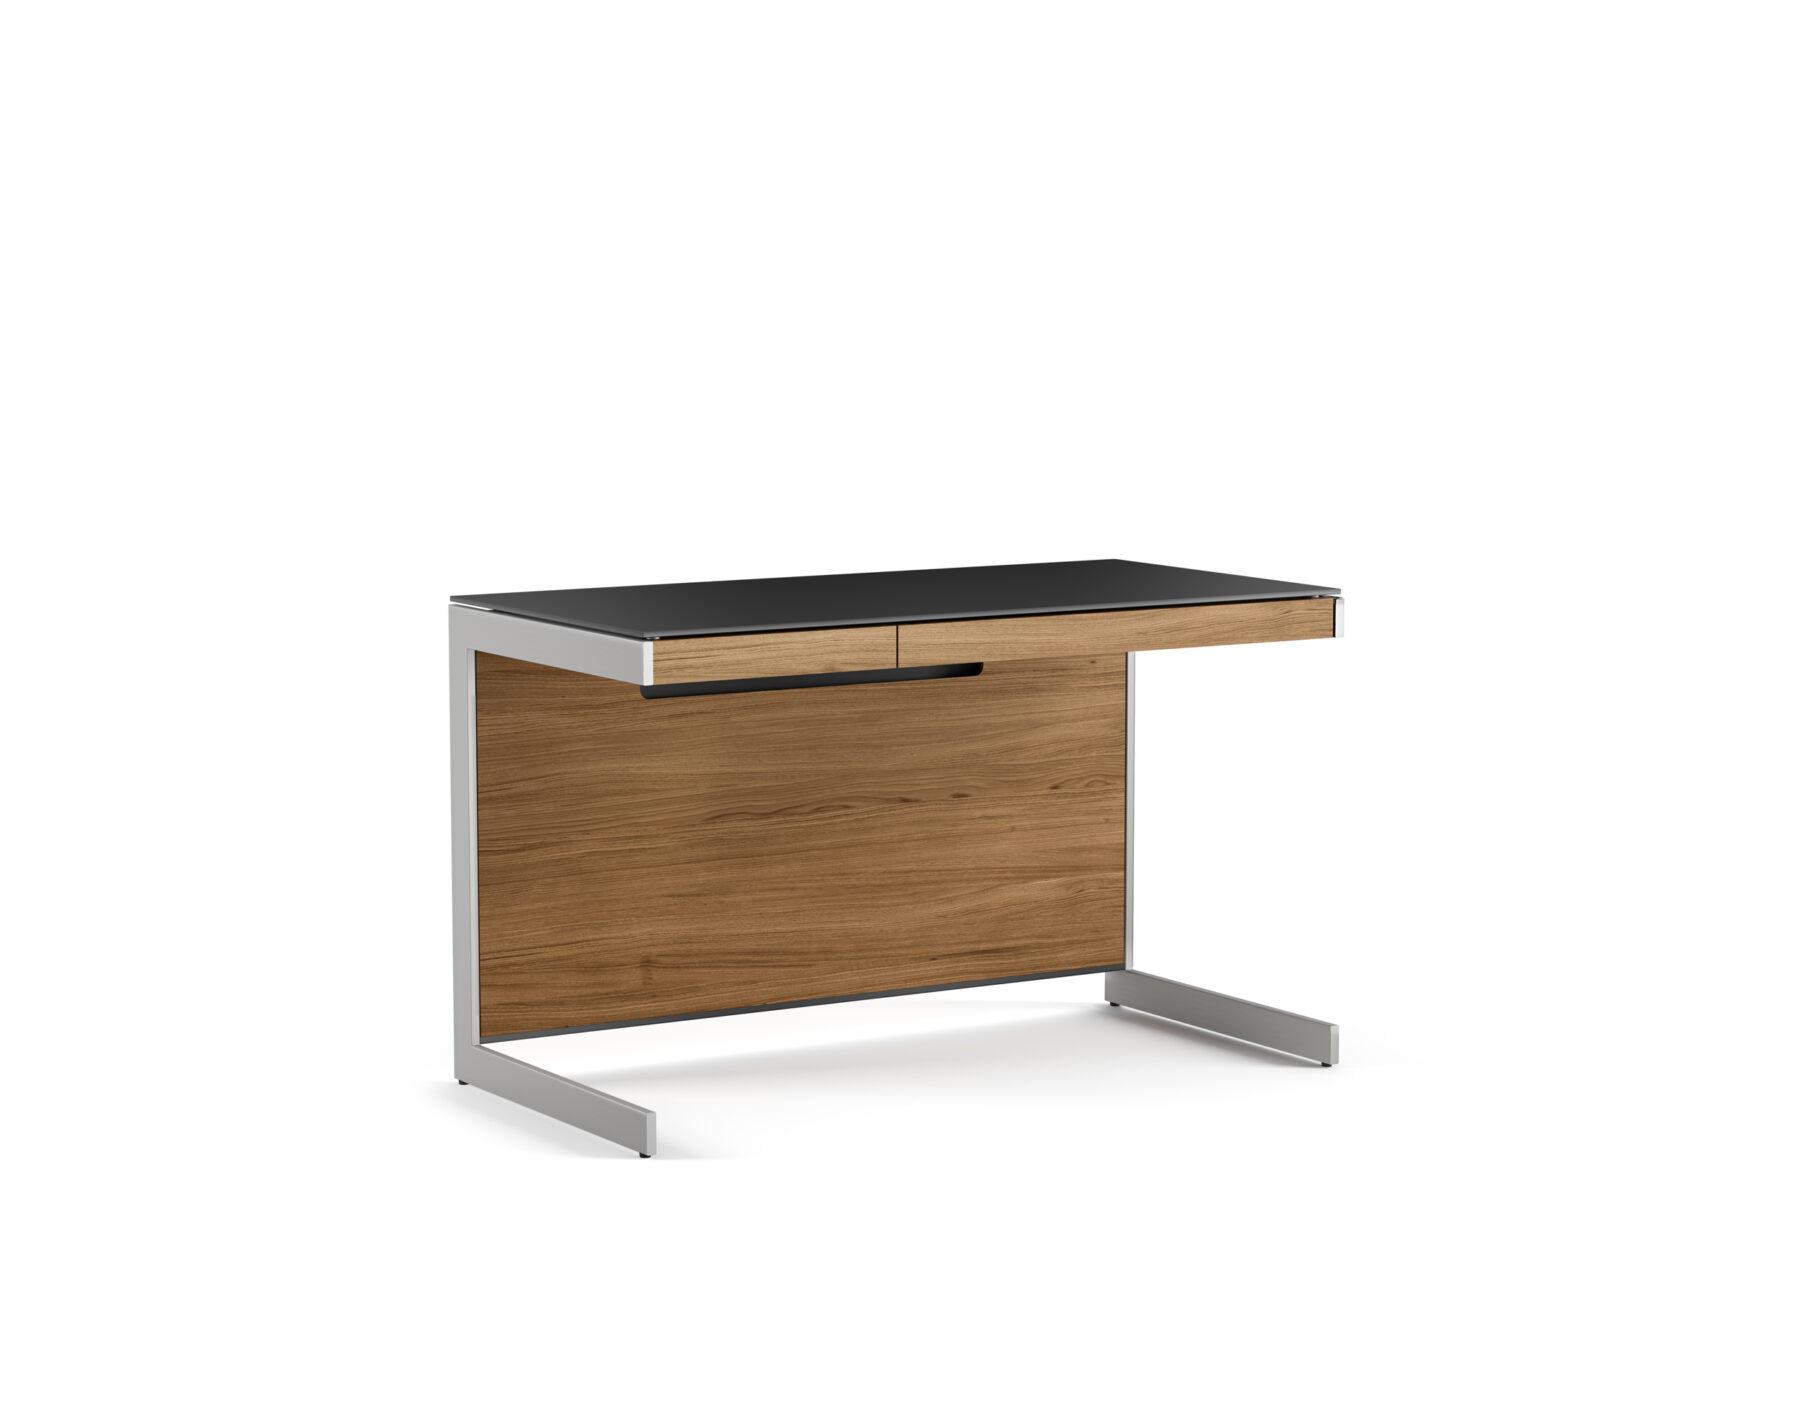 sequel_6003_BDI_compact_desk_1_WL